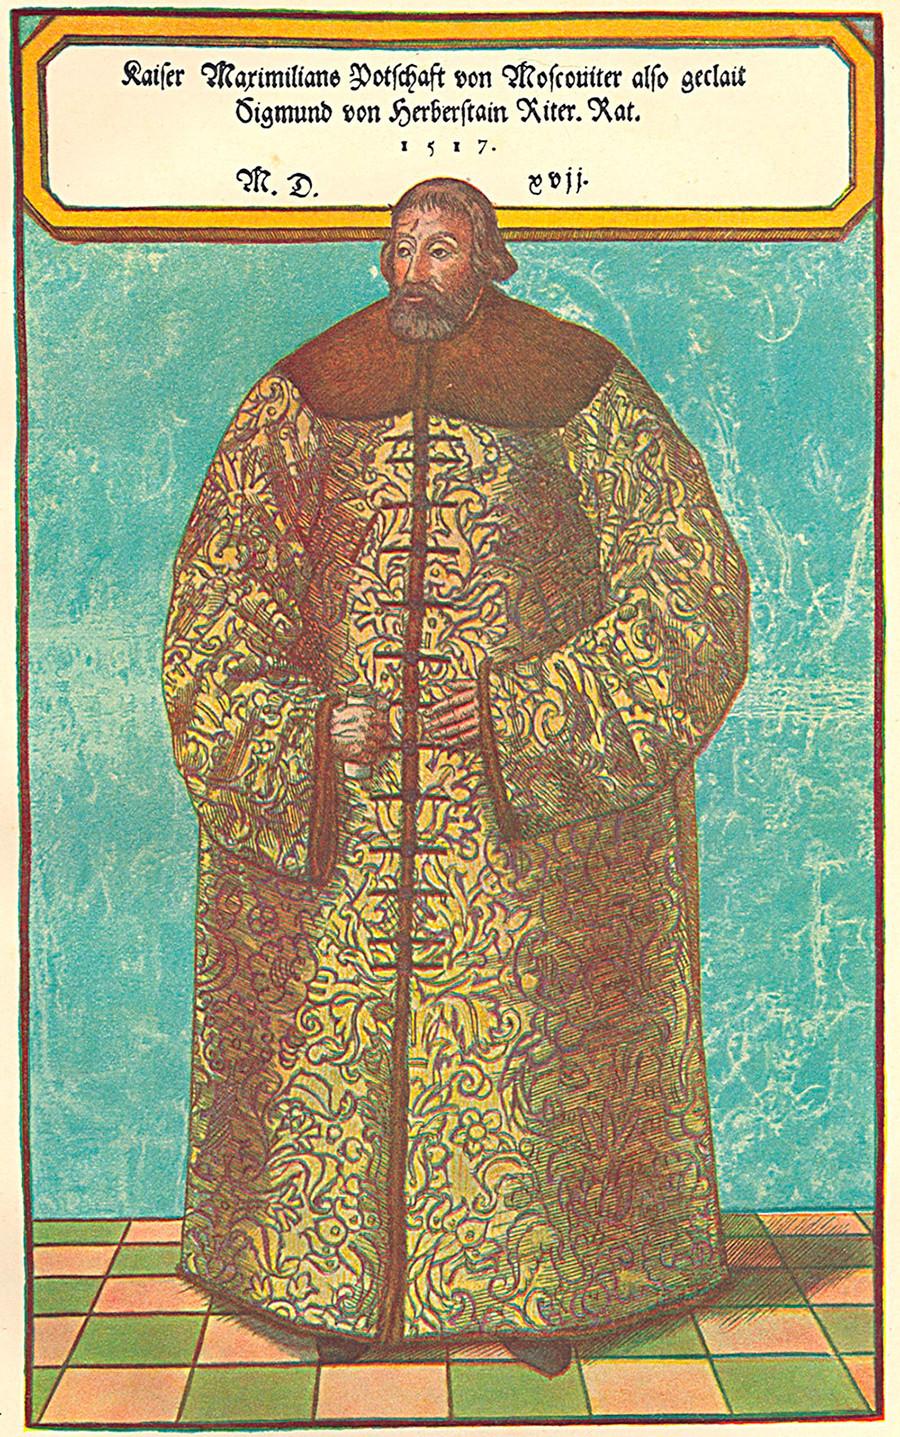 Sigismund von Herberstein (1486-1566)